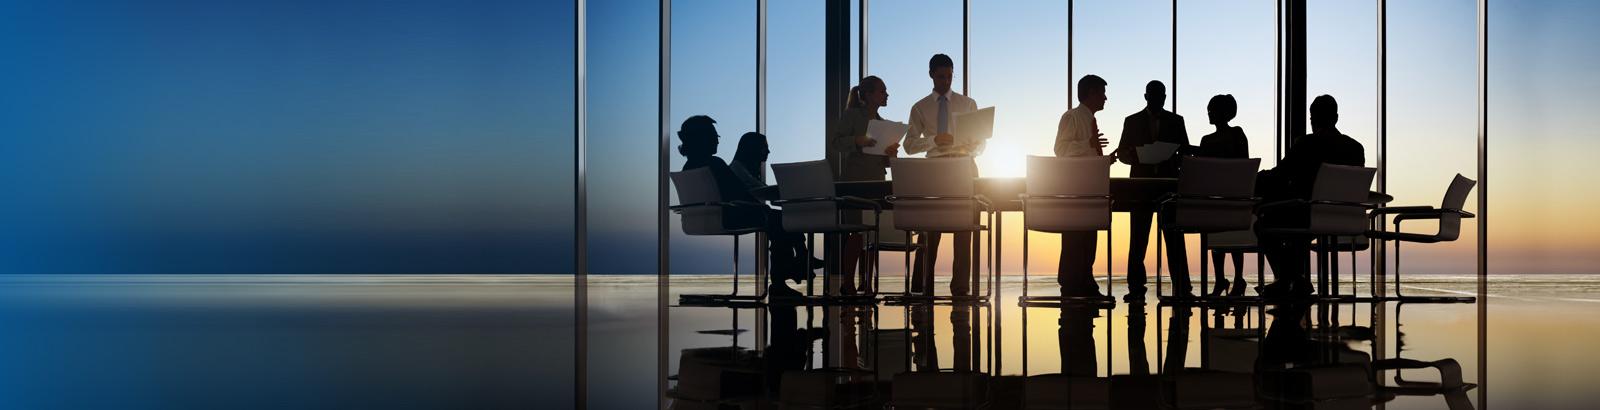 Criterios para la postulación de los miembros de la Junta de Directores